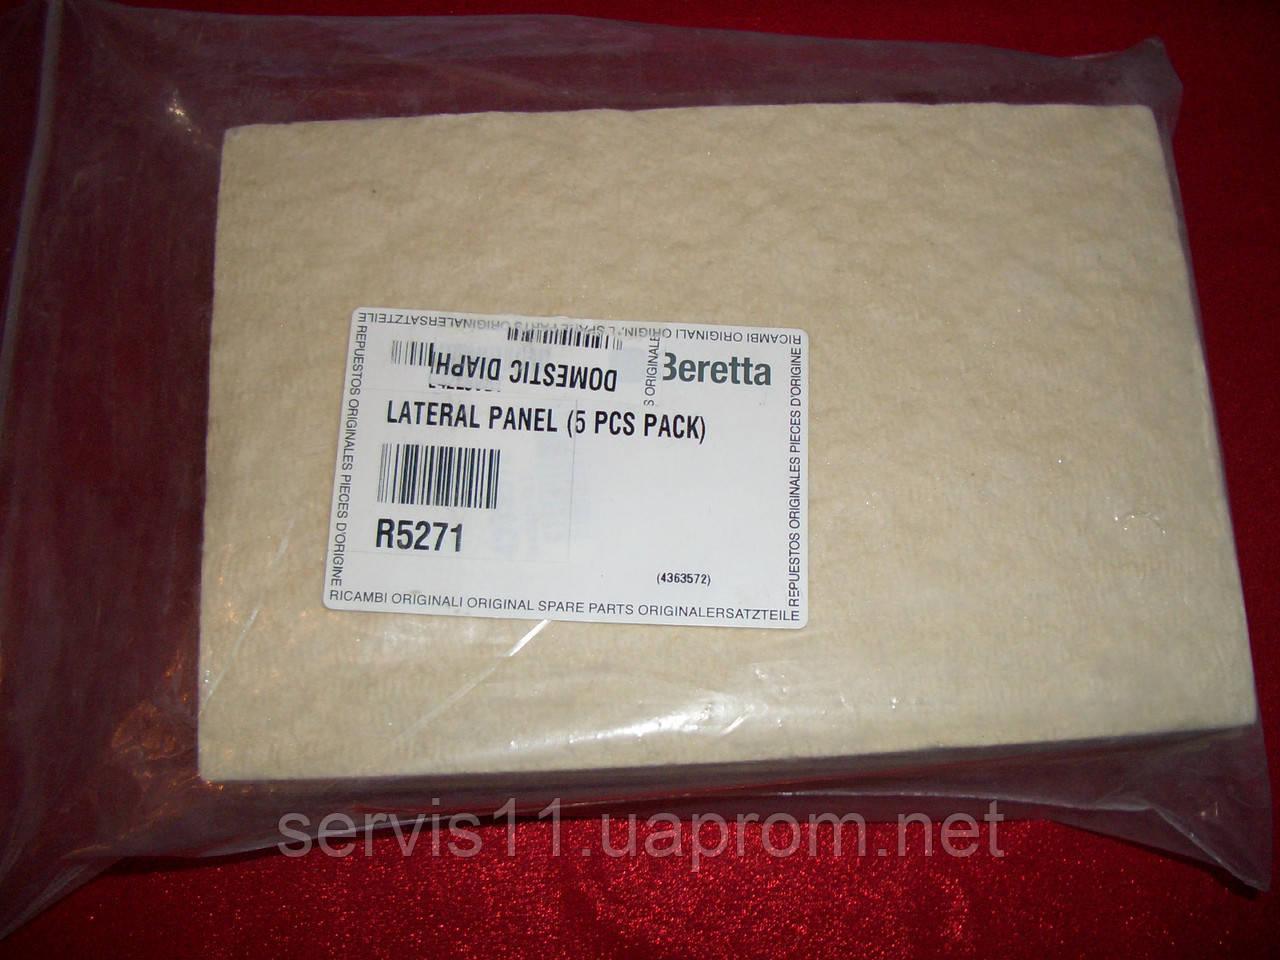 Теплоизоляция (асбестовая прокладка) боковая для котлов Beretta